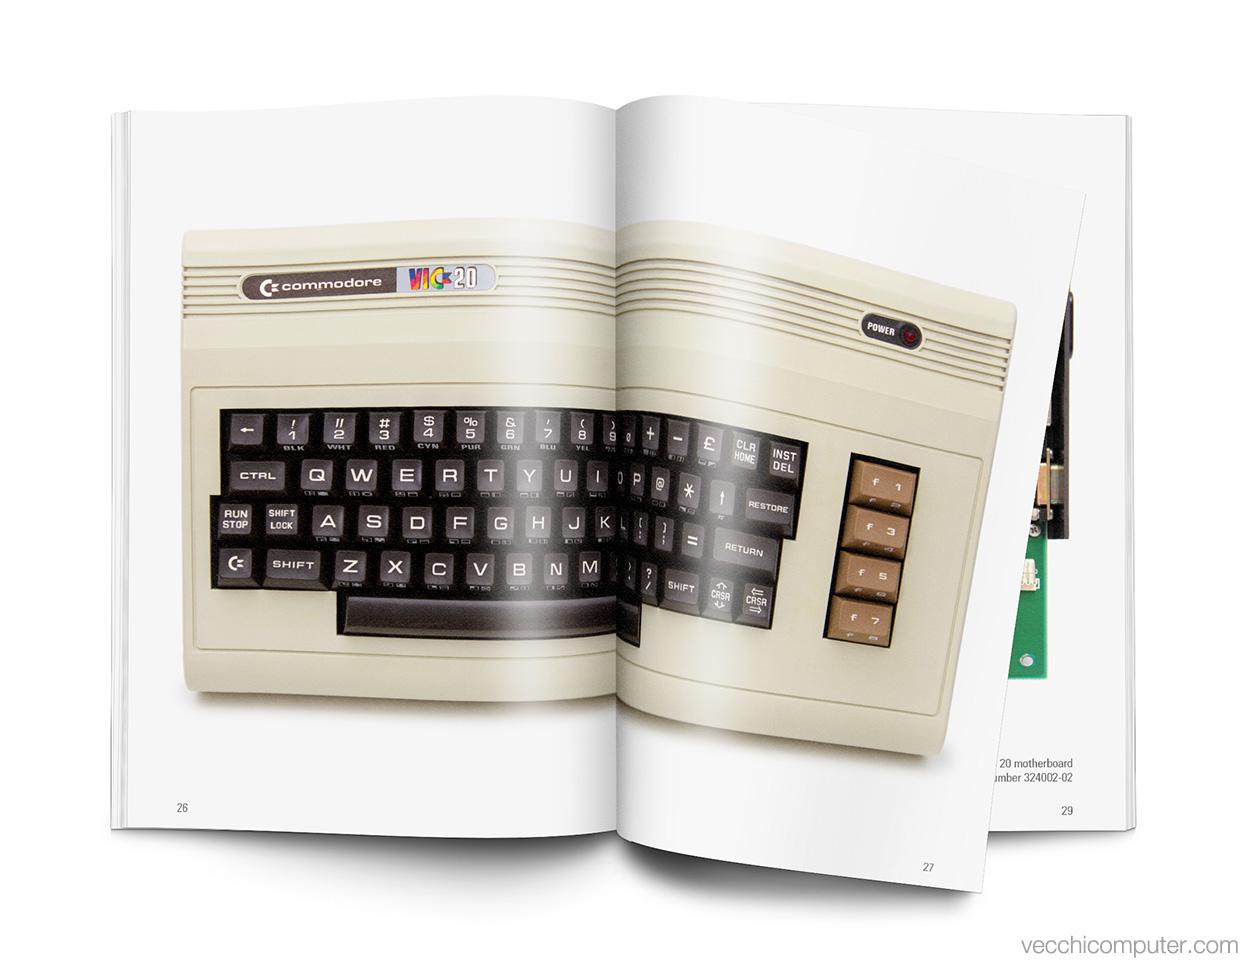 Commodore VIC 20: A Visual History